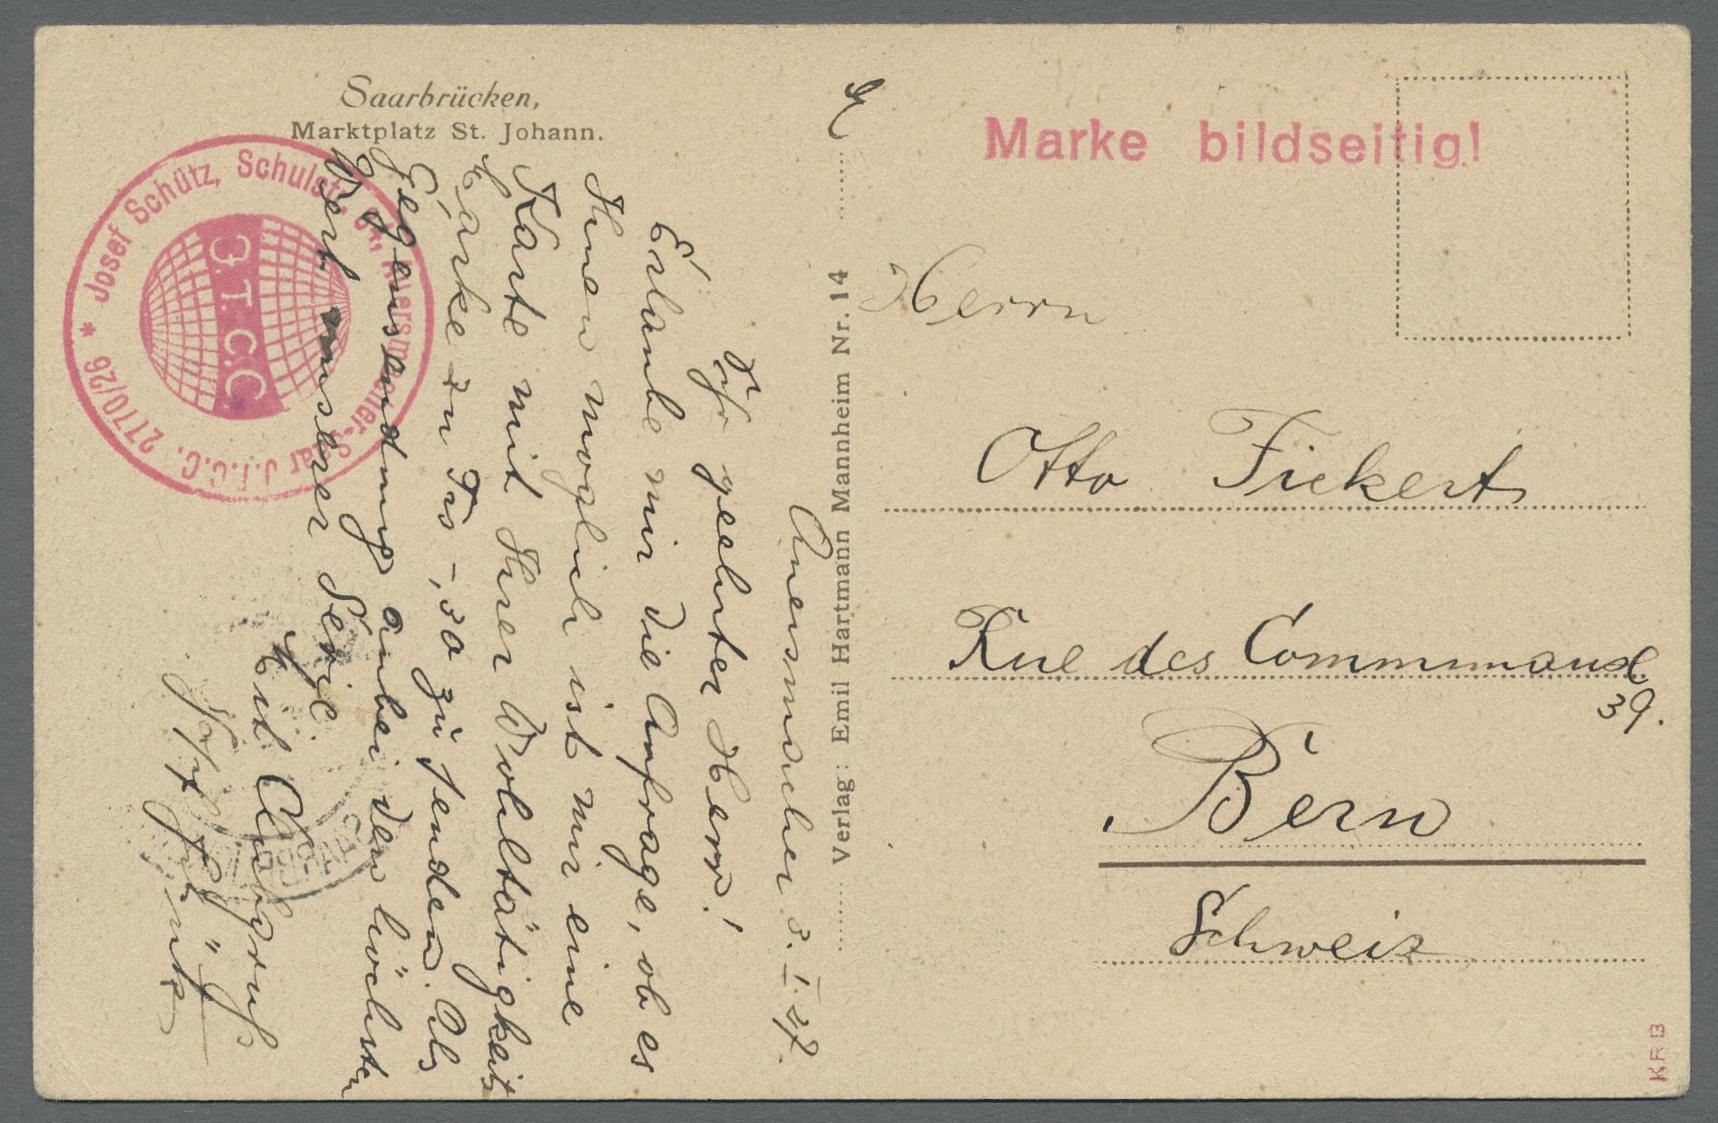 Brief In Die Schweiz Schicken Cd In Die Schweiz Verschicken 2019 02 15